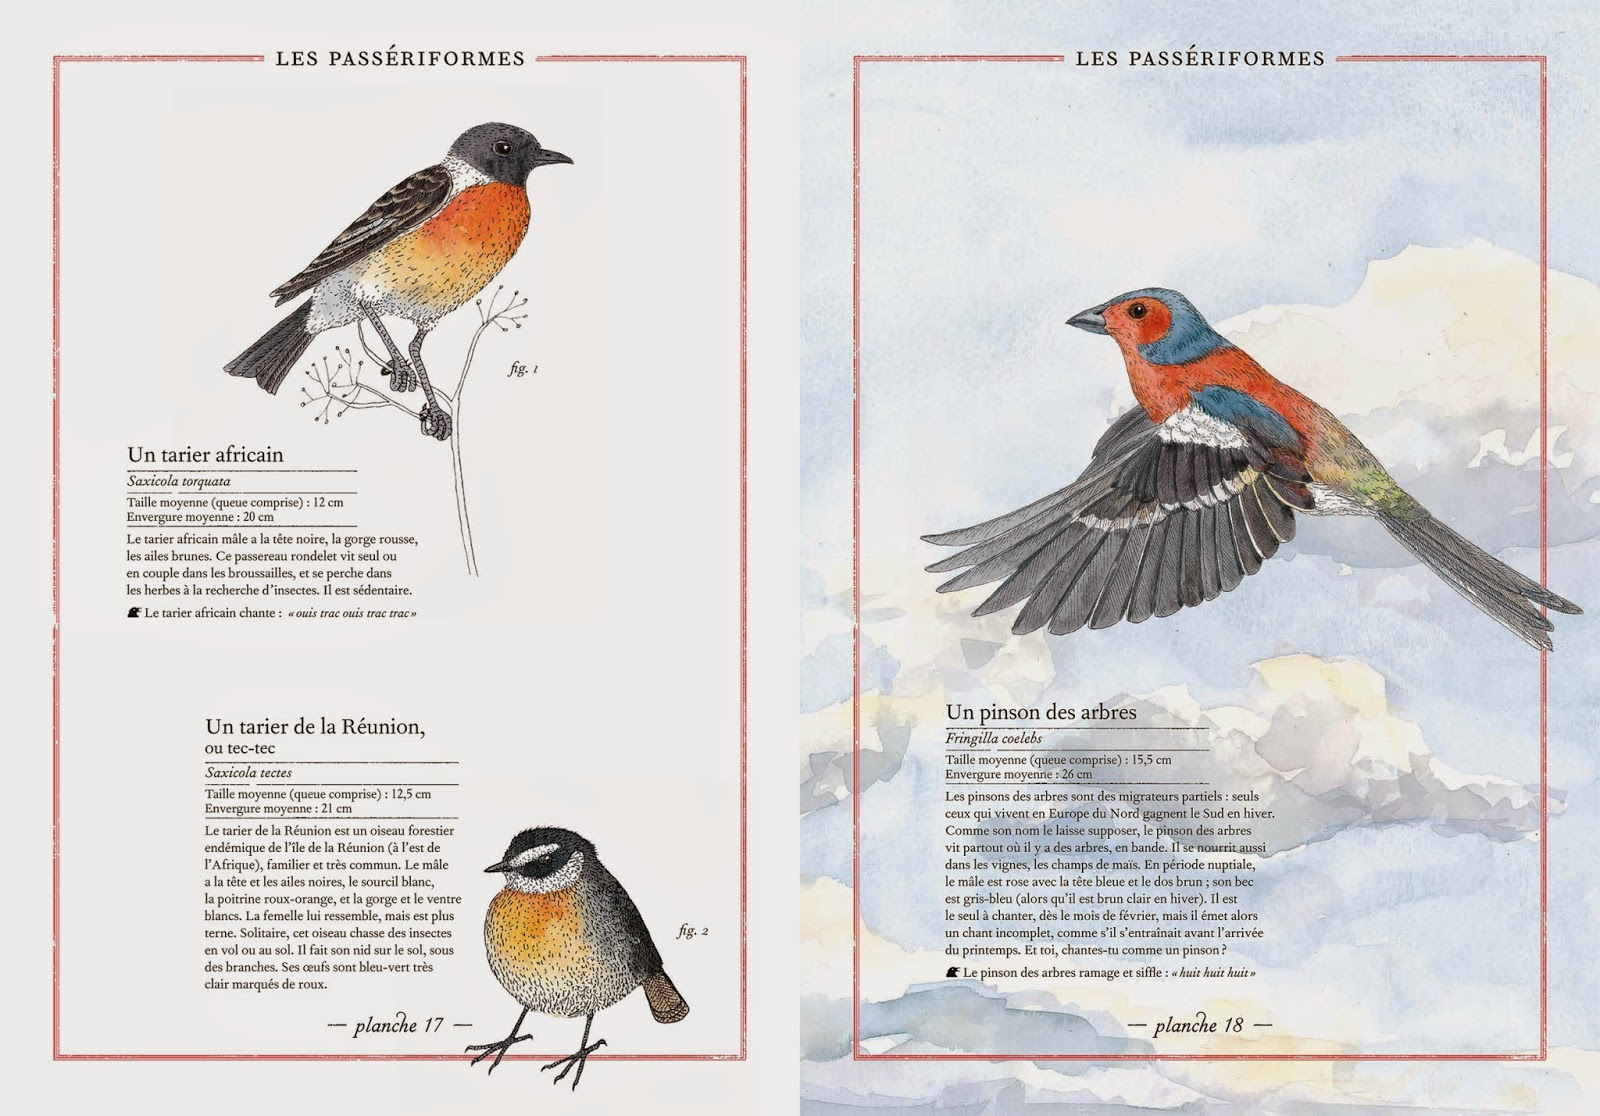 l'inventaire illustré des oiseaux, un des livres présentés dans le nouvel article du bird-blog d'une histoire de plumes